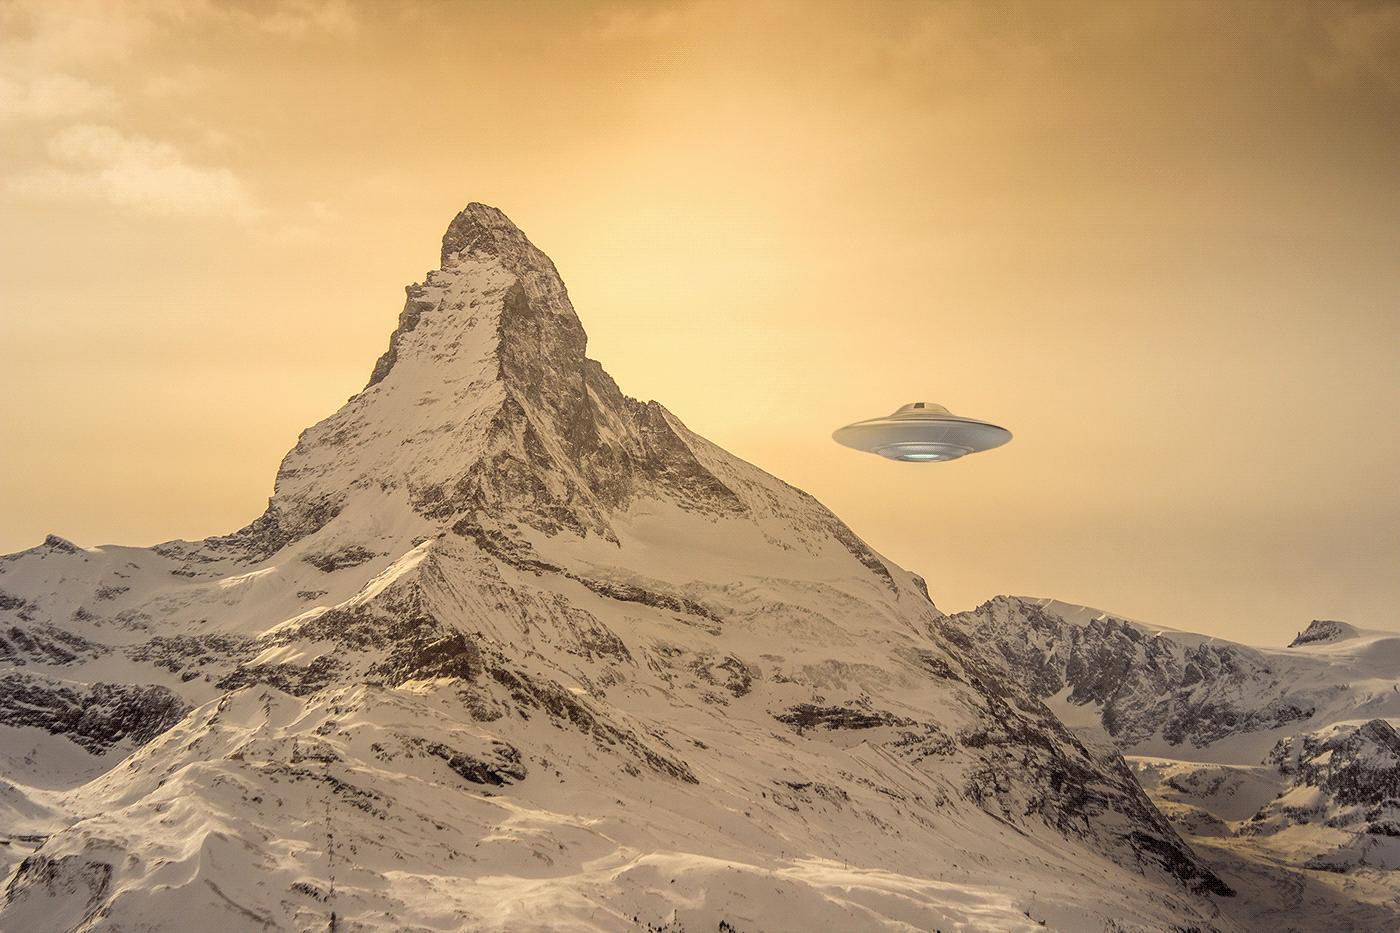 UFO passing the Matterhorn